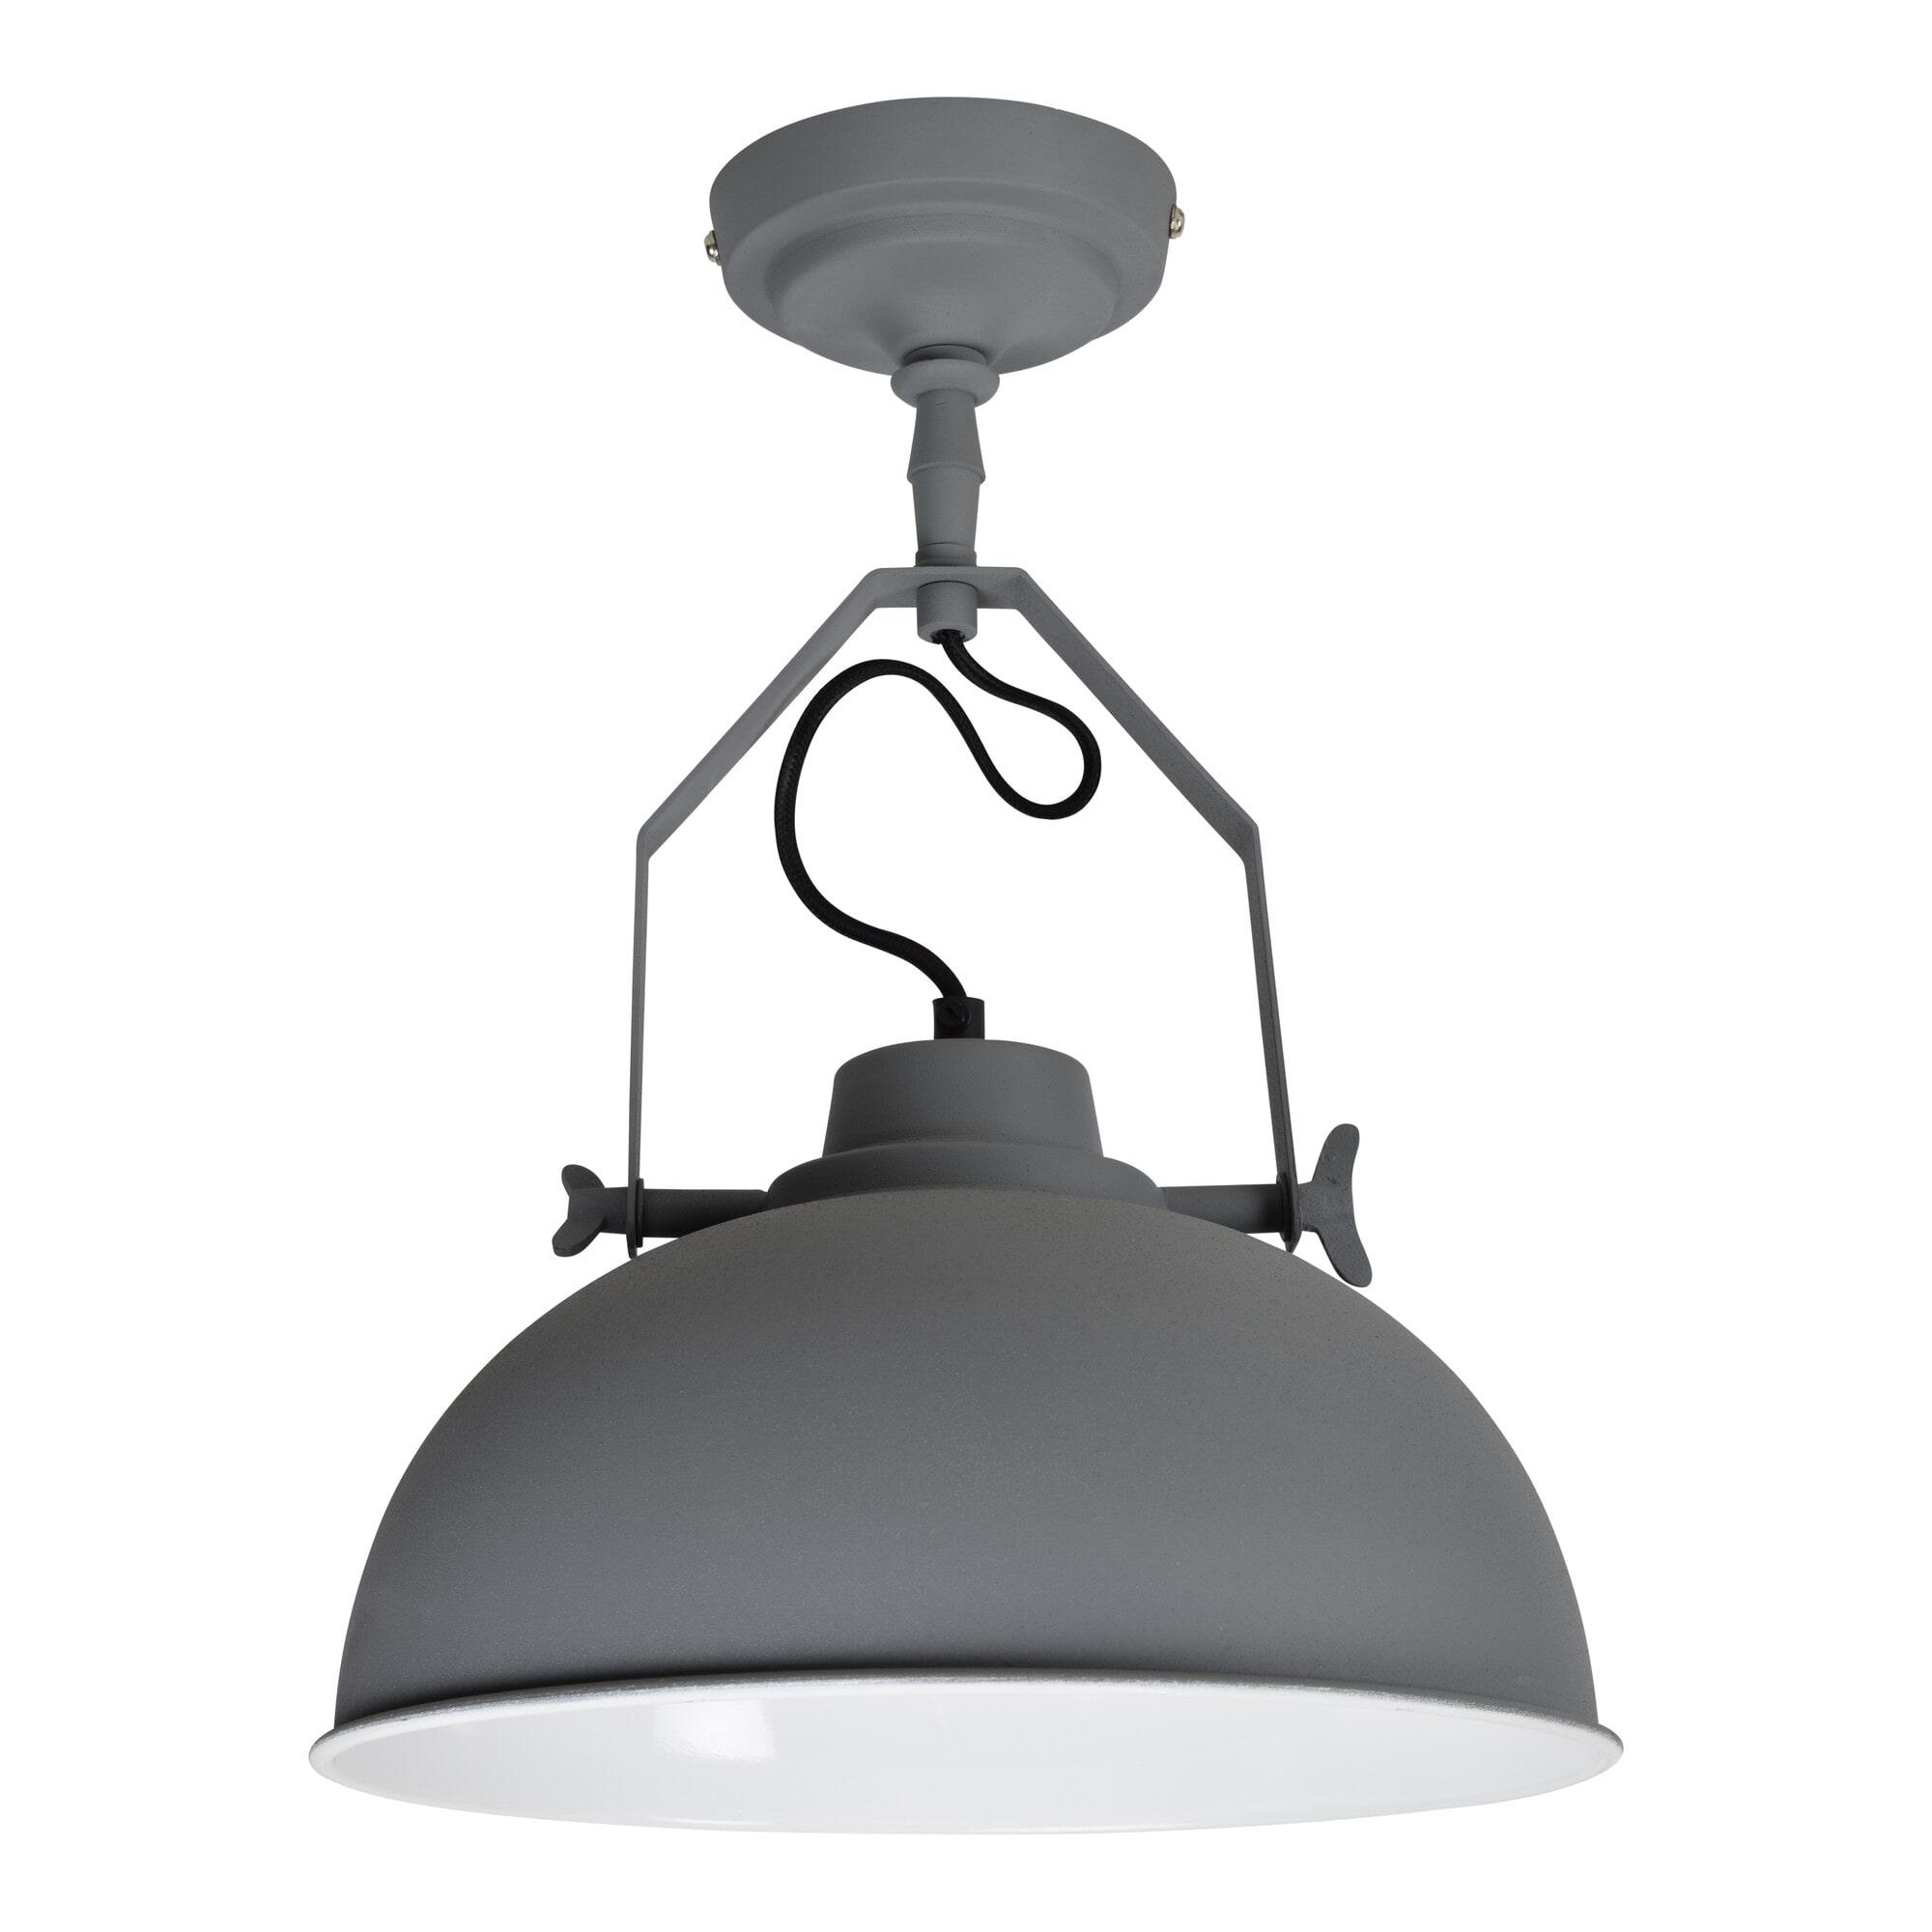 Urban Interiors Plafondlamp 'Urban' 30cm, kleur grijs Verlichting | Plafondlampen vergelijken doe je het voordeligst hier bij Meubelpartner